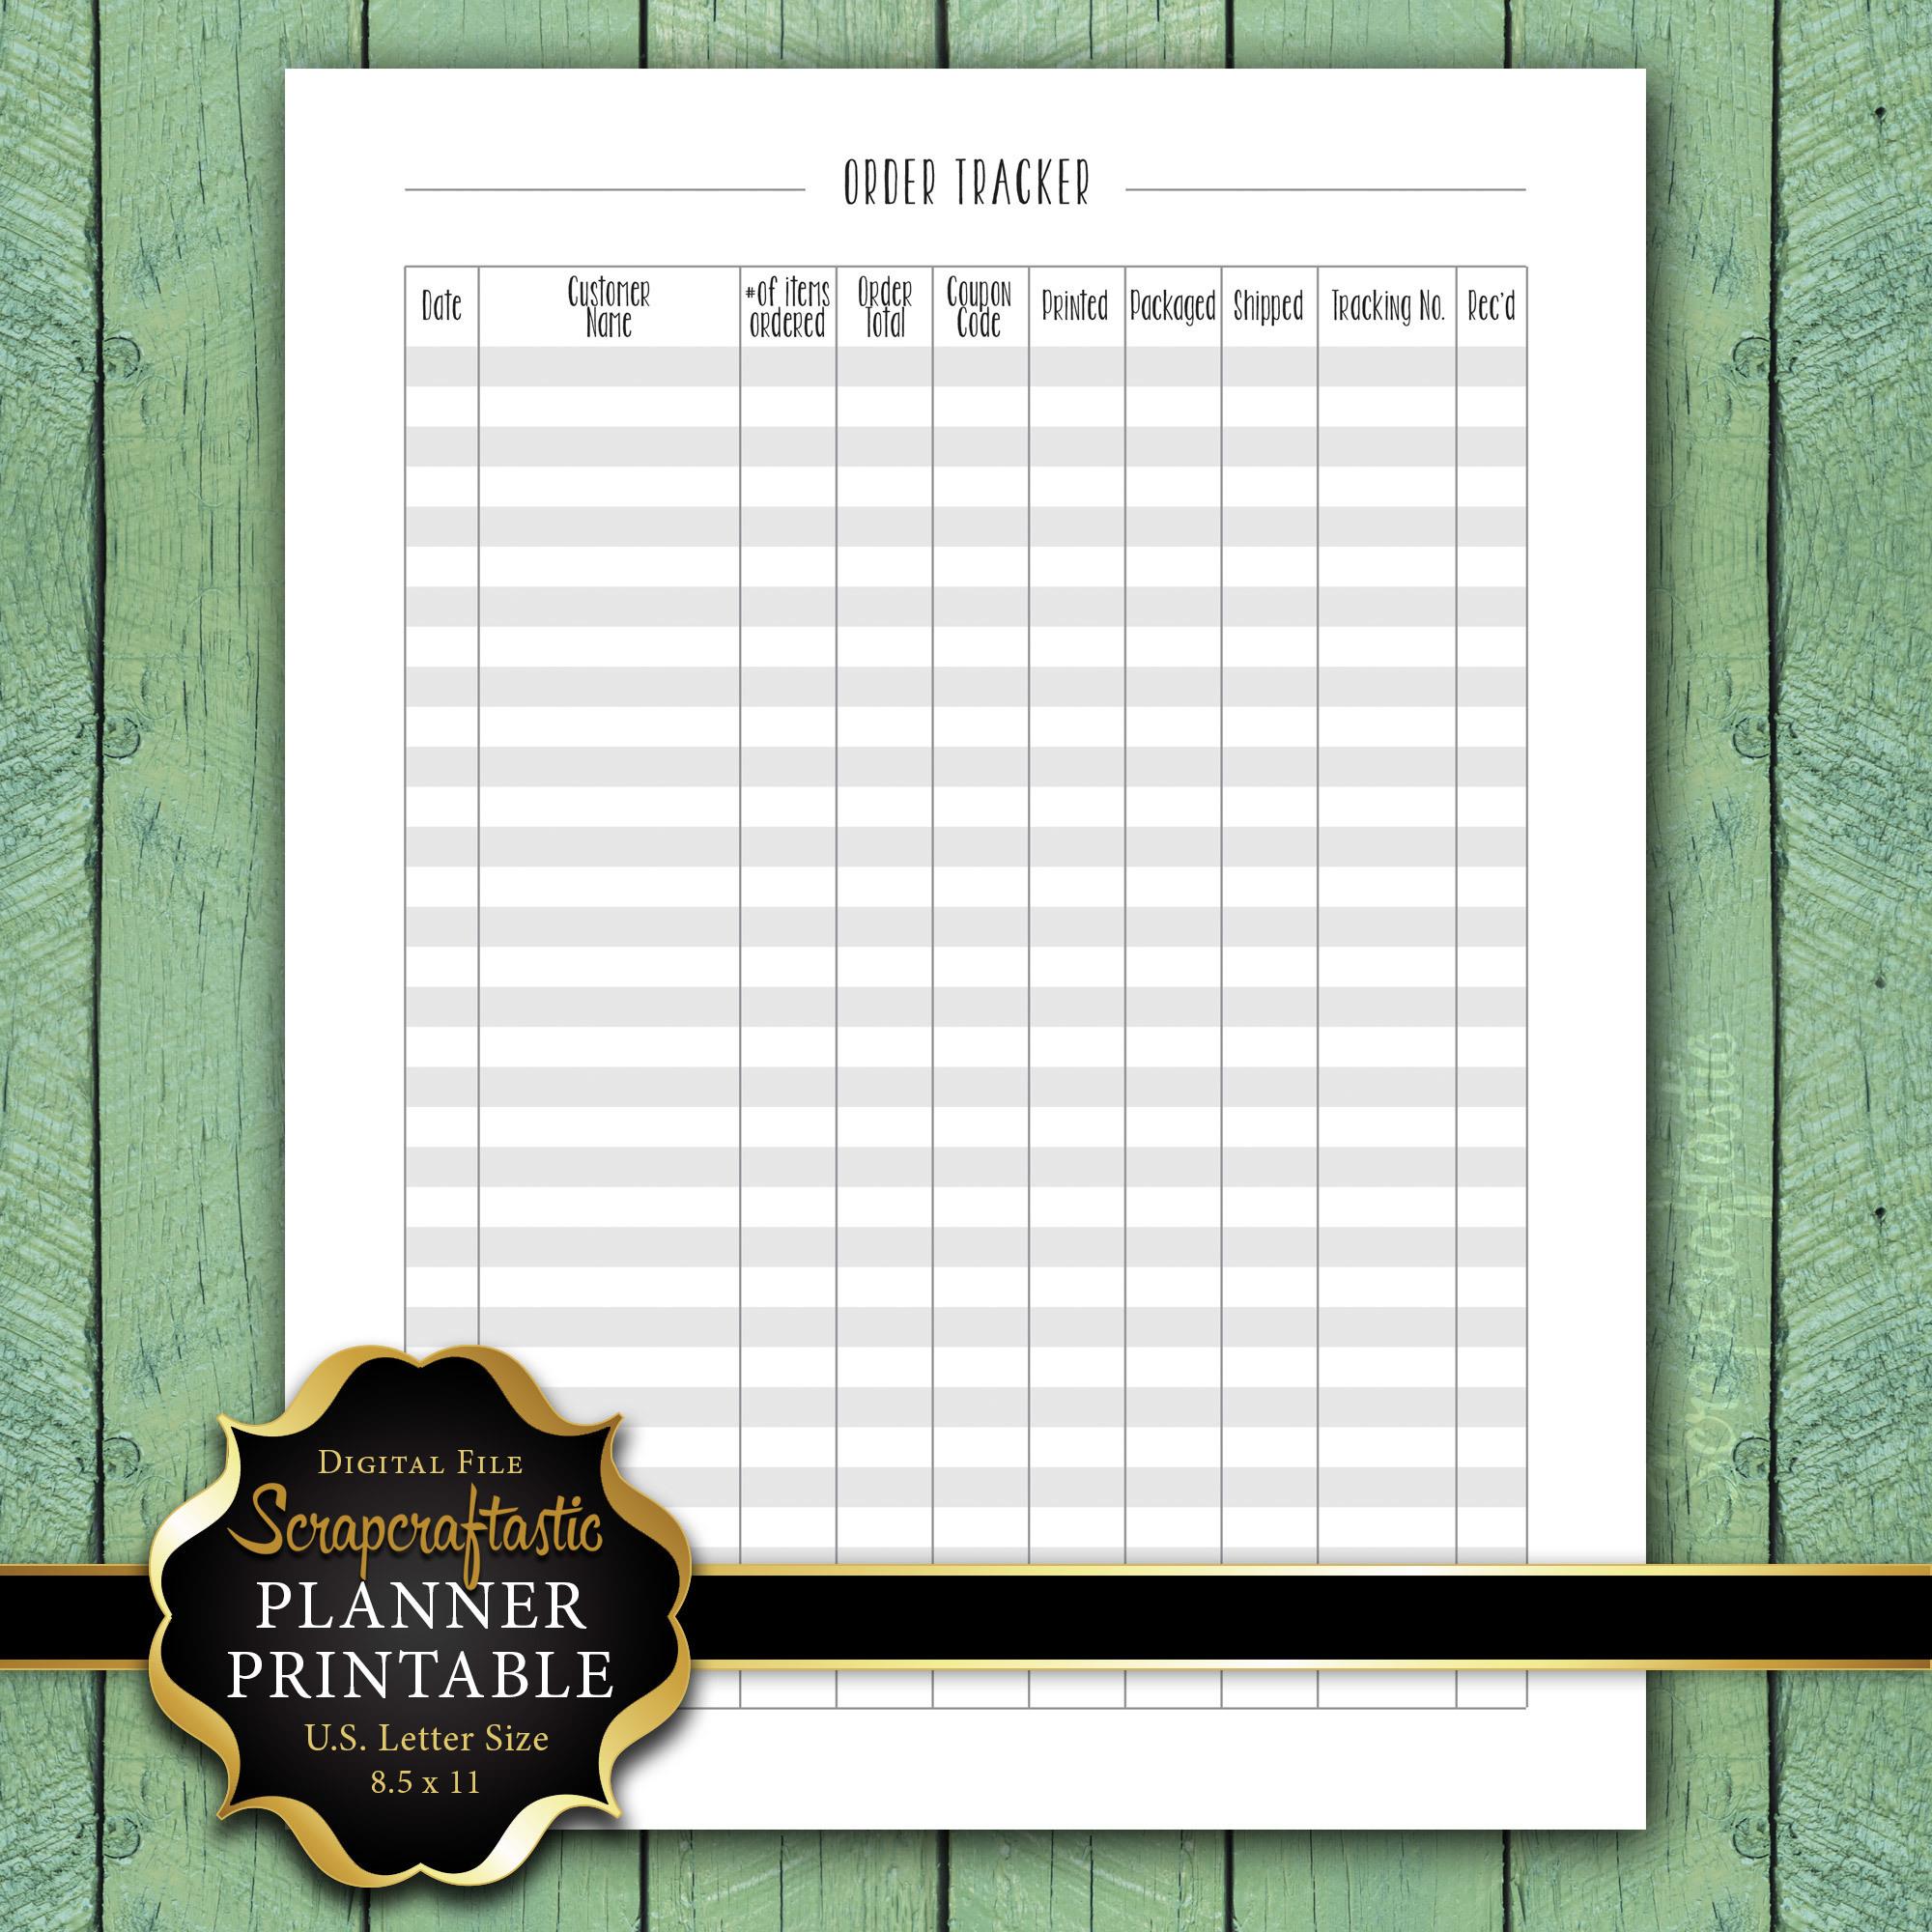 Order Tracker Letter Size Planner Printable dbr_ltr_ordertracker